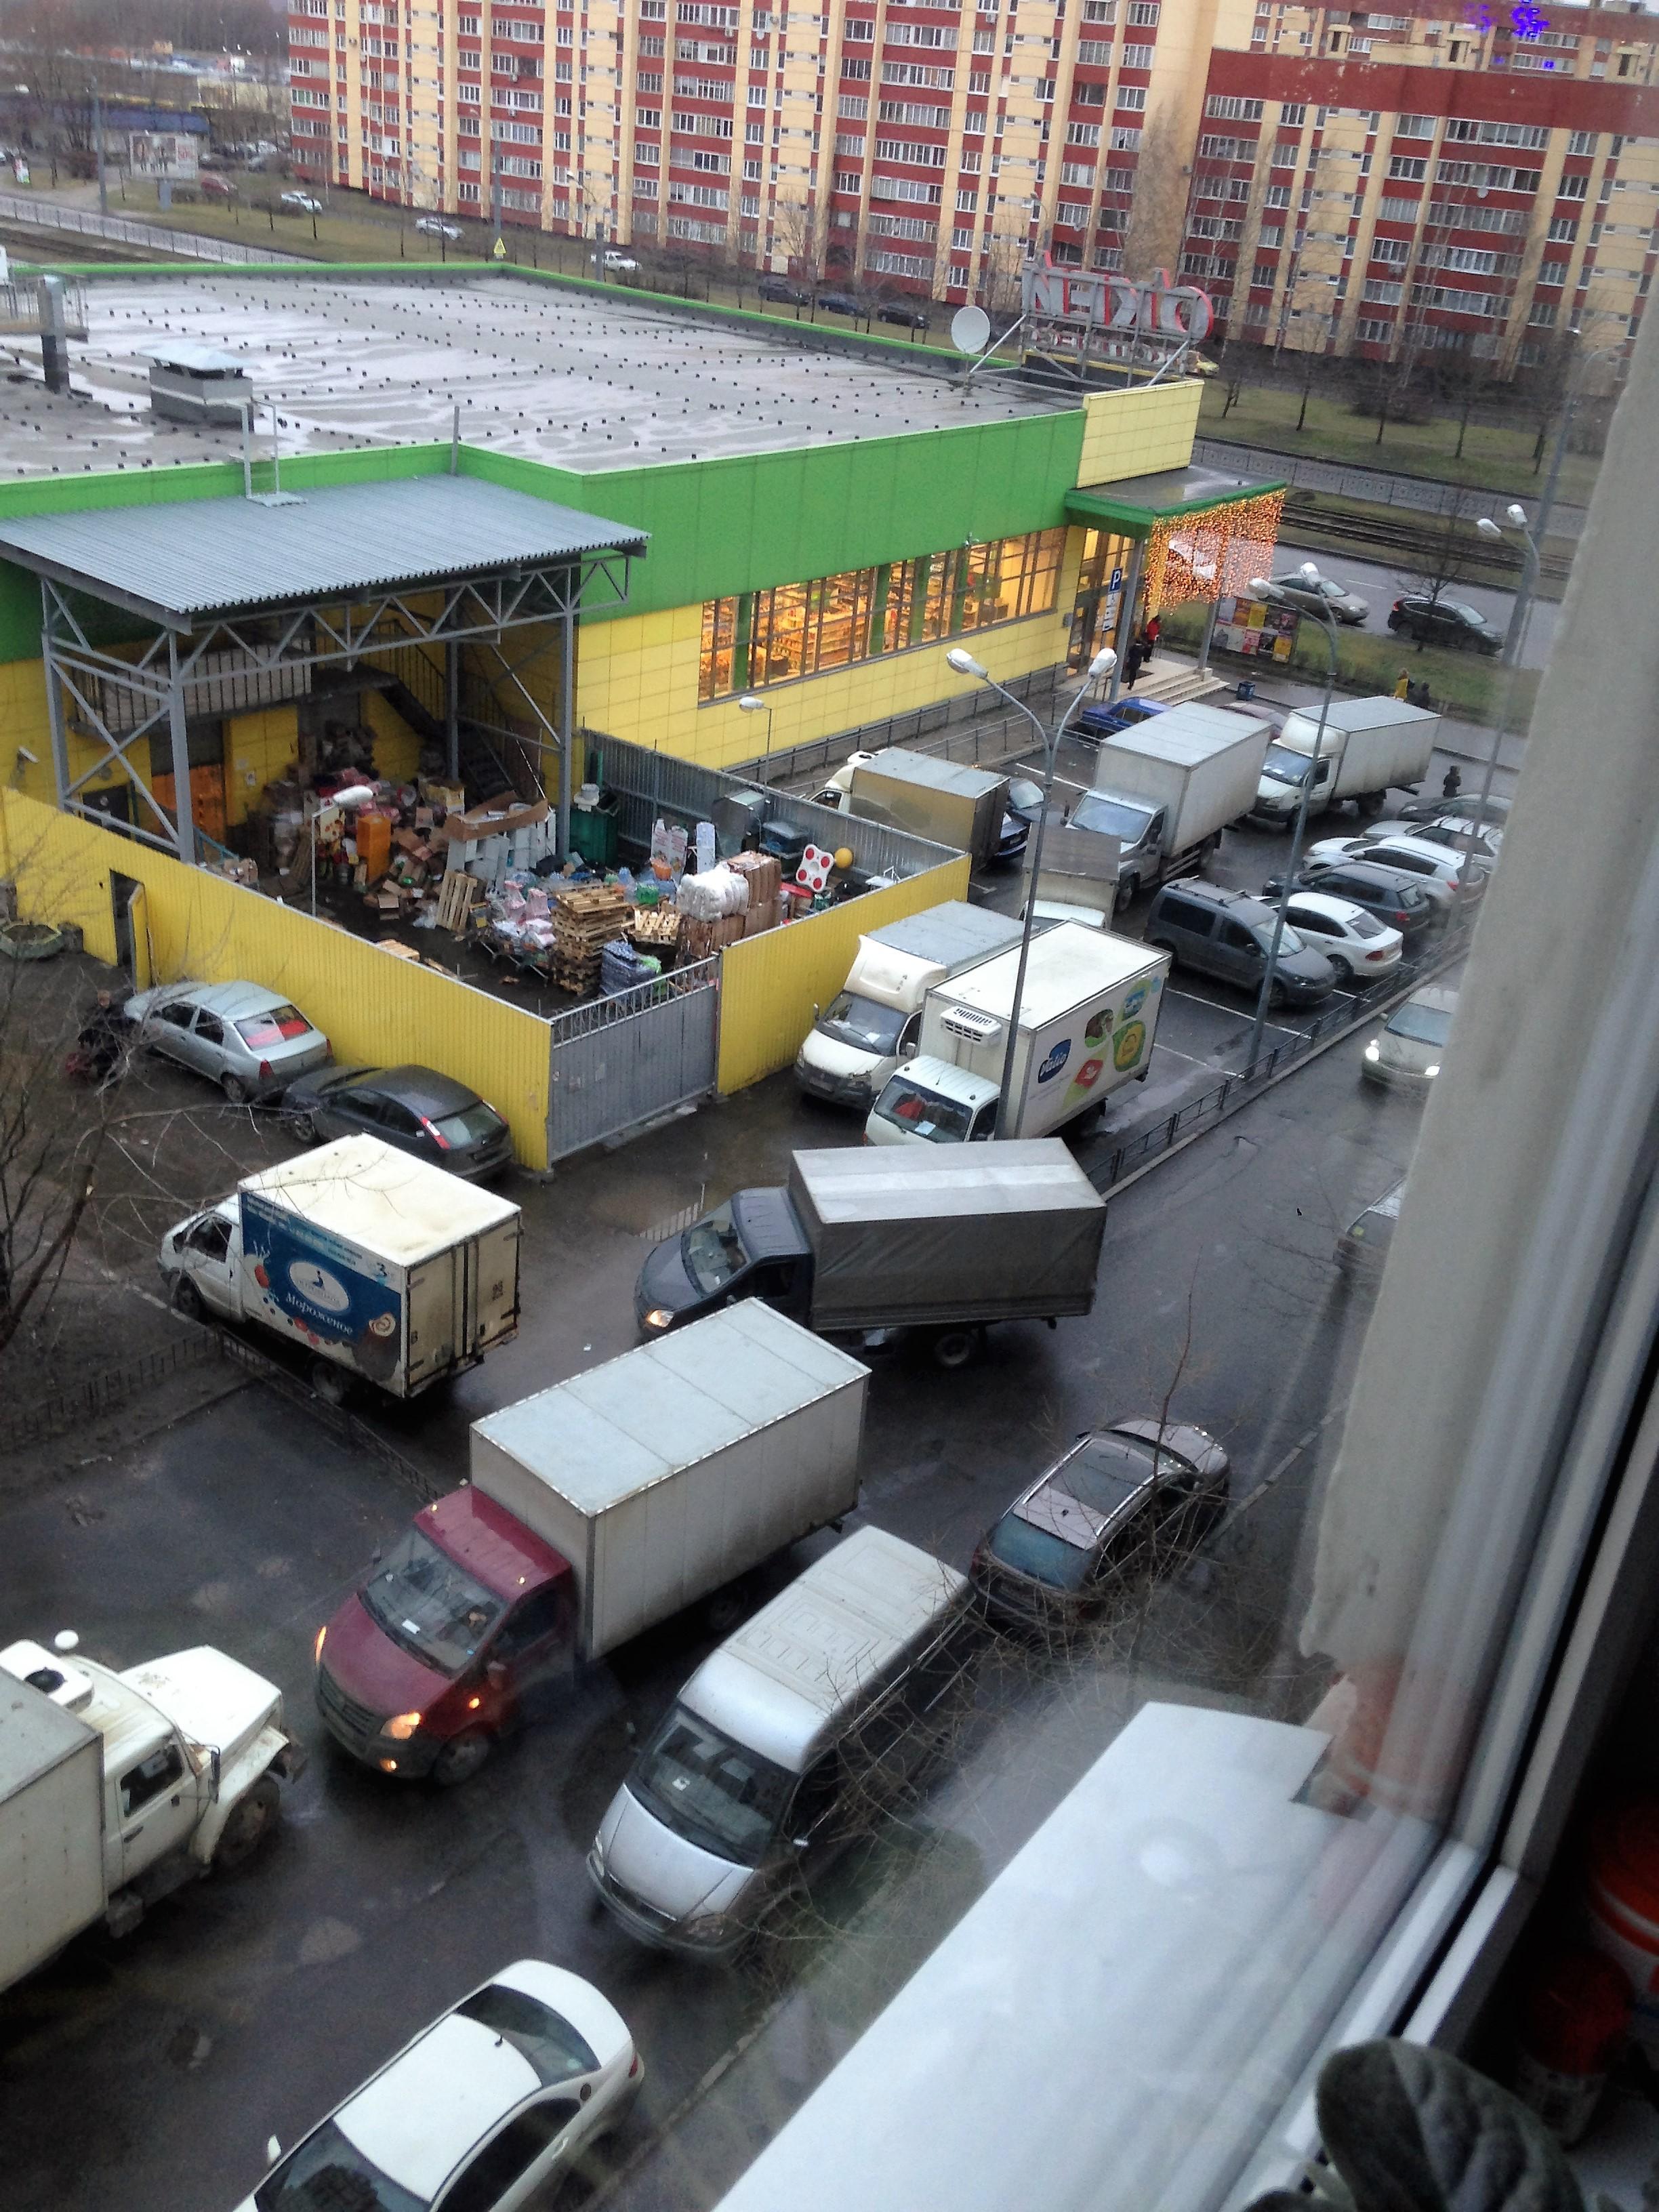 Жалоба на организацию парковки грузовых машин и зону приемки товара